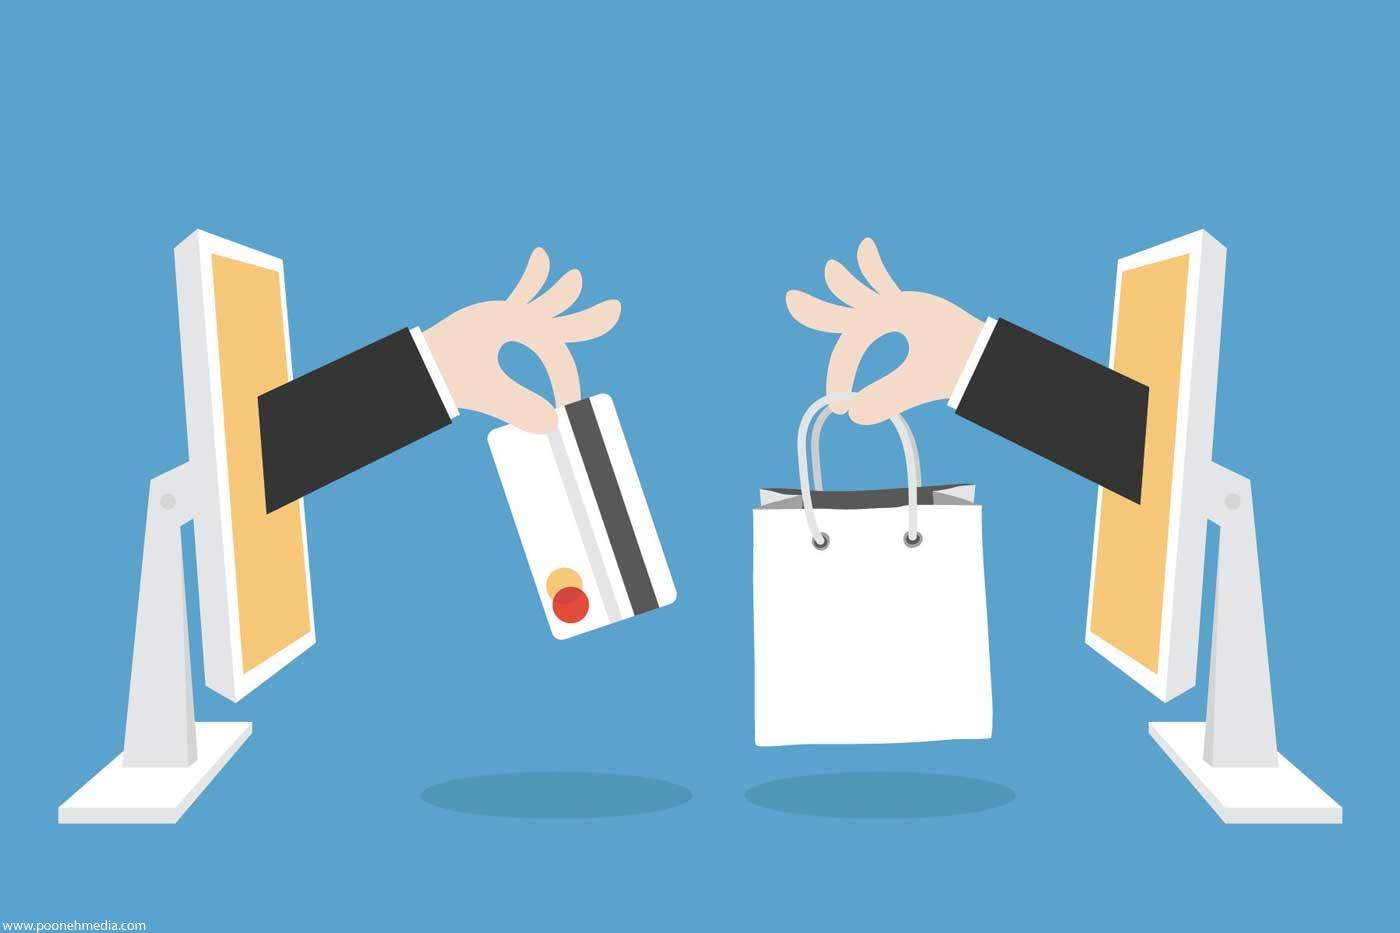 ۵ نکته برای جلوگیری از سرقت اطلاعات بانکی هنگام خرید اینترنتی